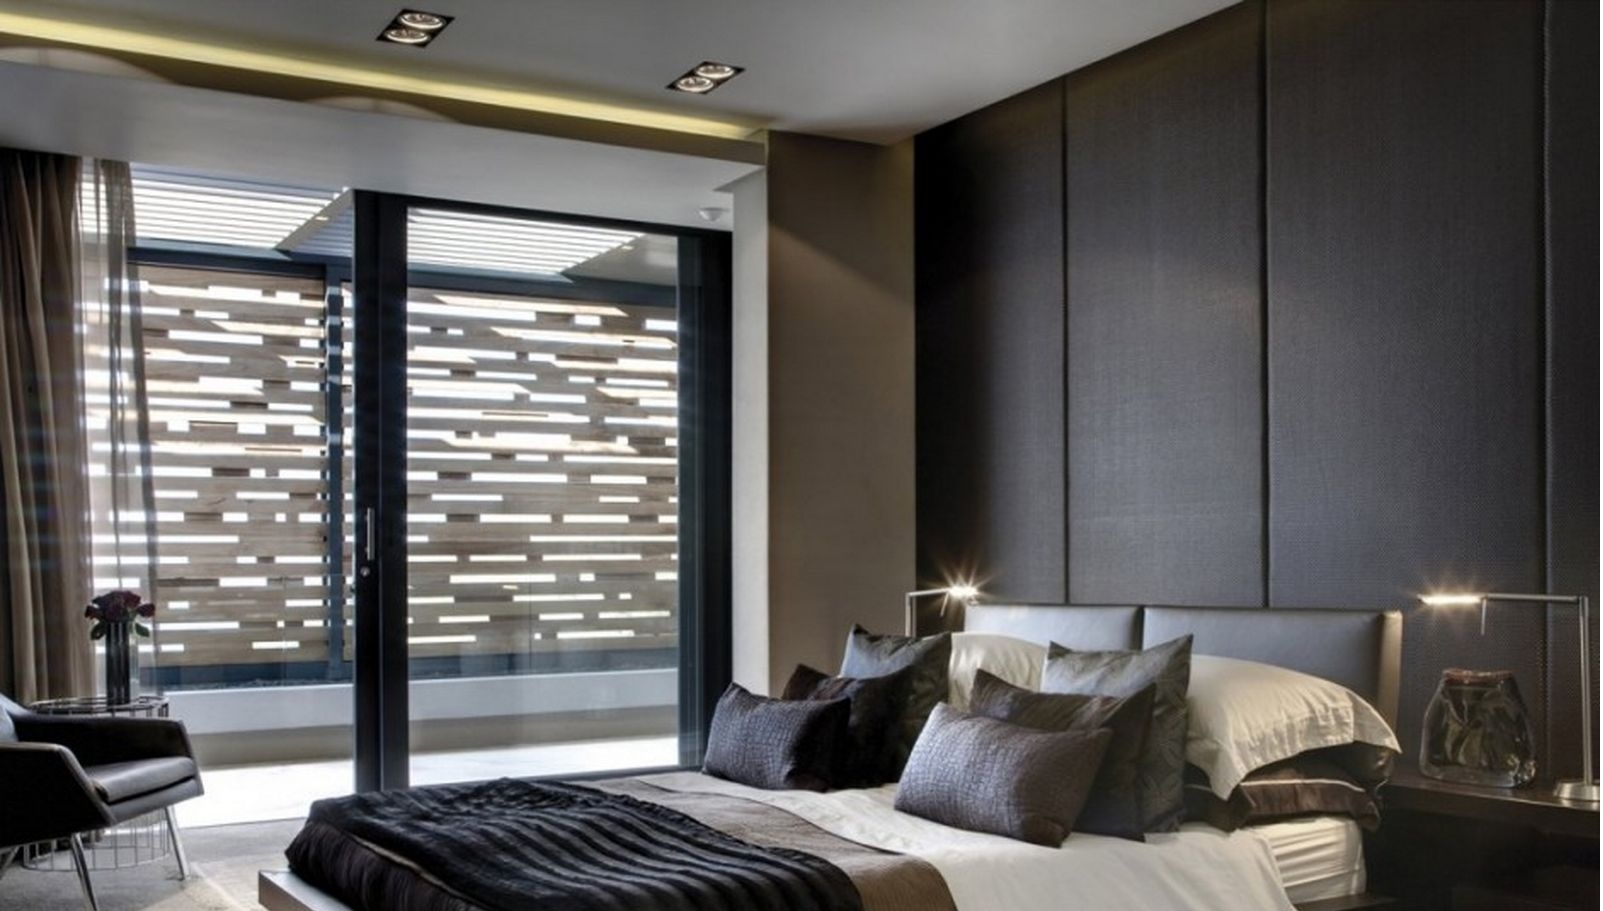 25 Sleek and Elegant Bedroom design Ideas